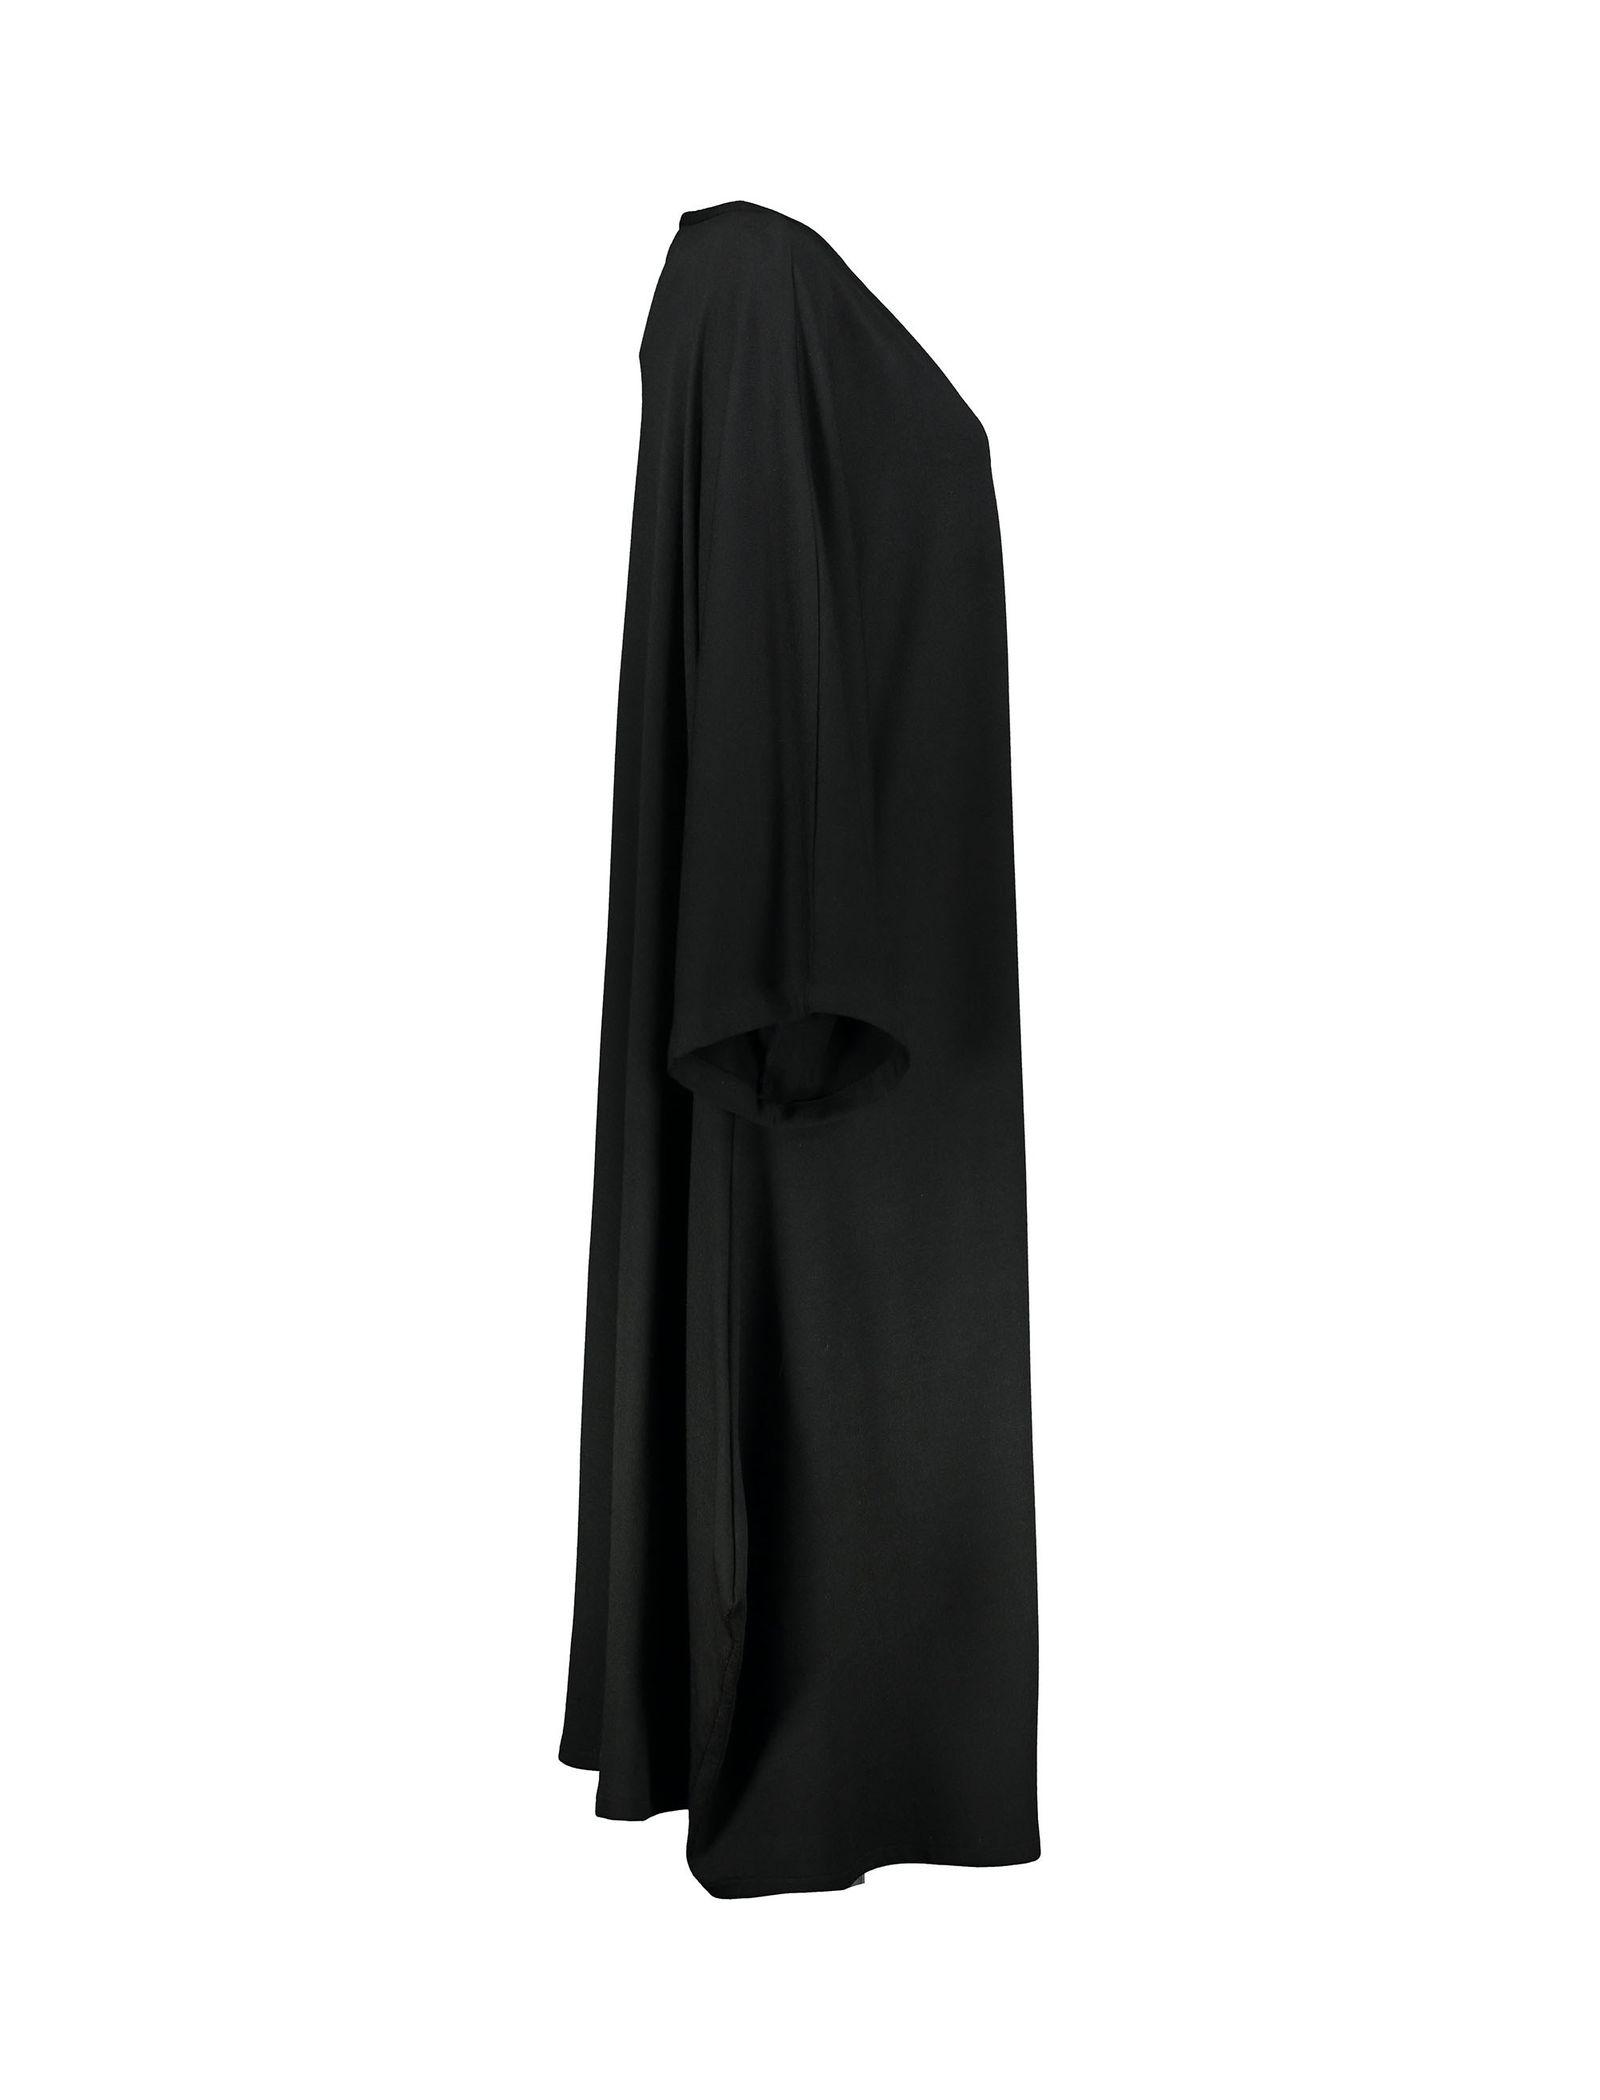 رویه بلند زنانه - تکتم همتی - مشکي - 3